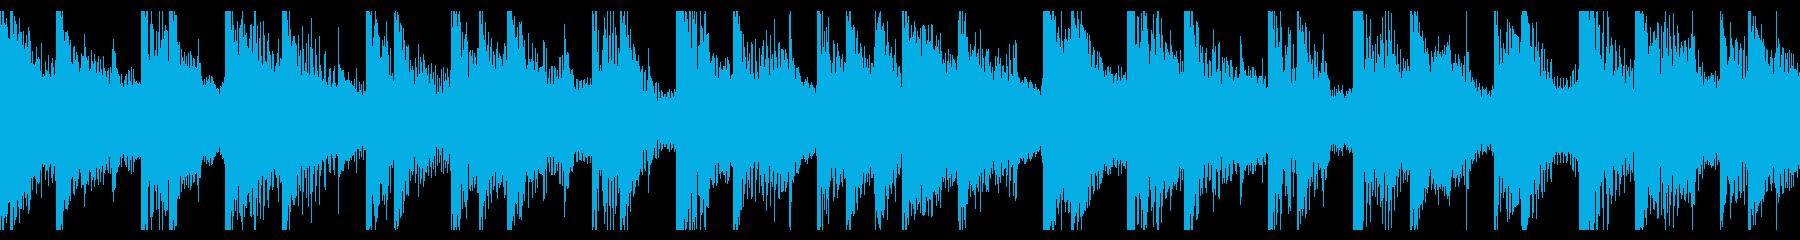 タイトル画面用の軽快なループ曲の再生済みの波形